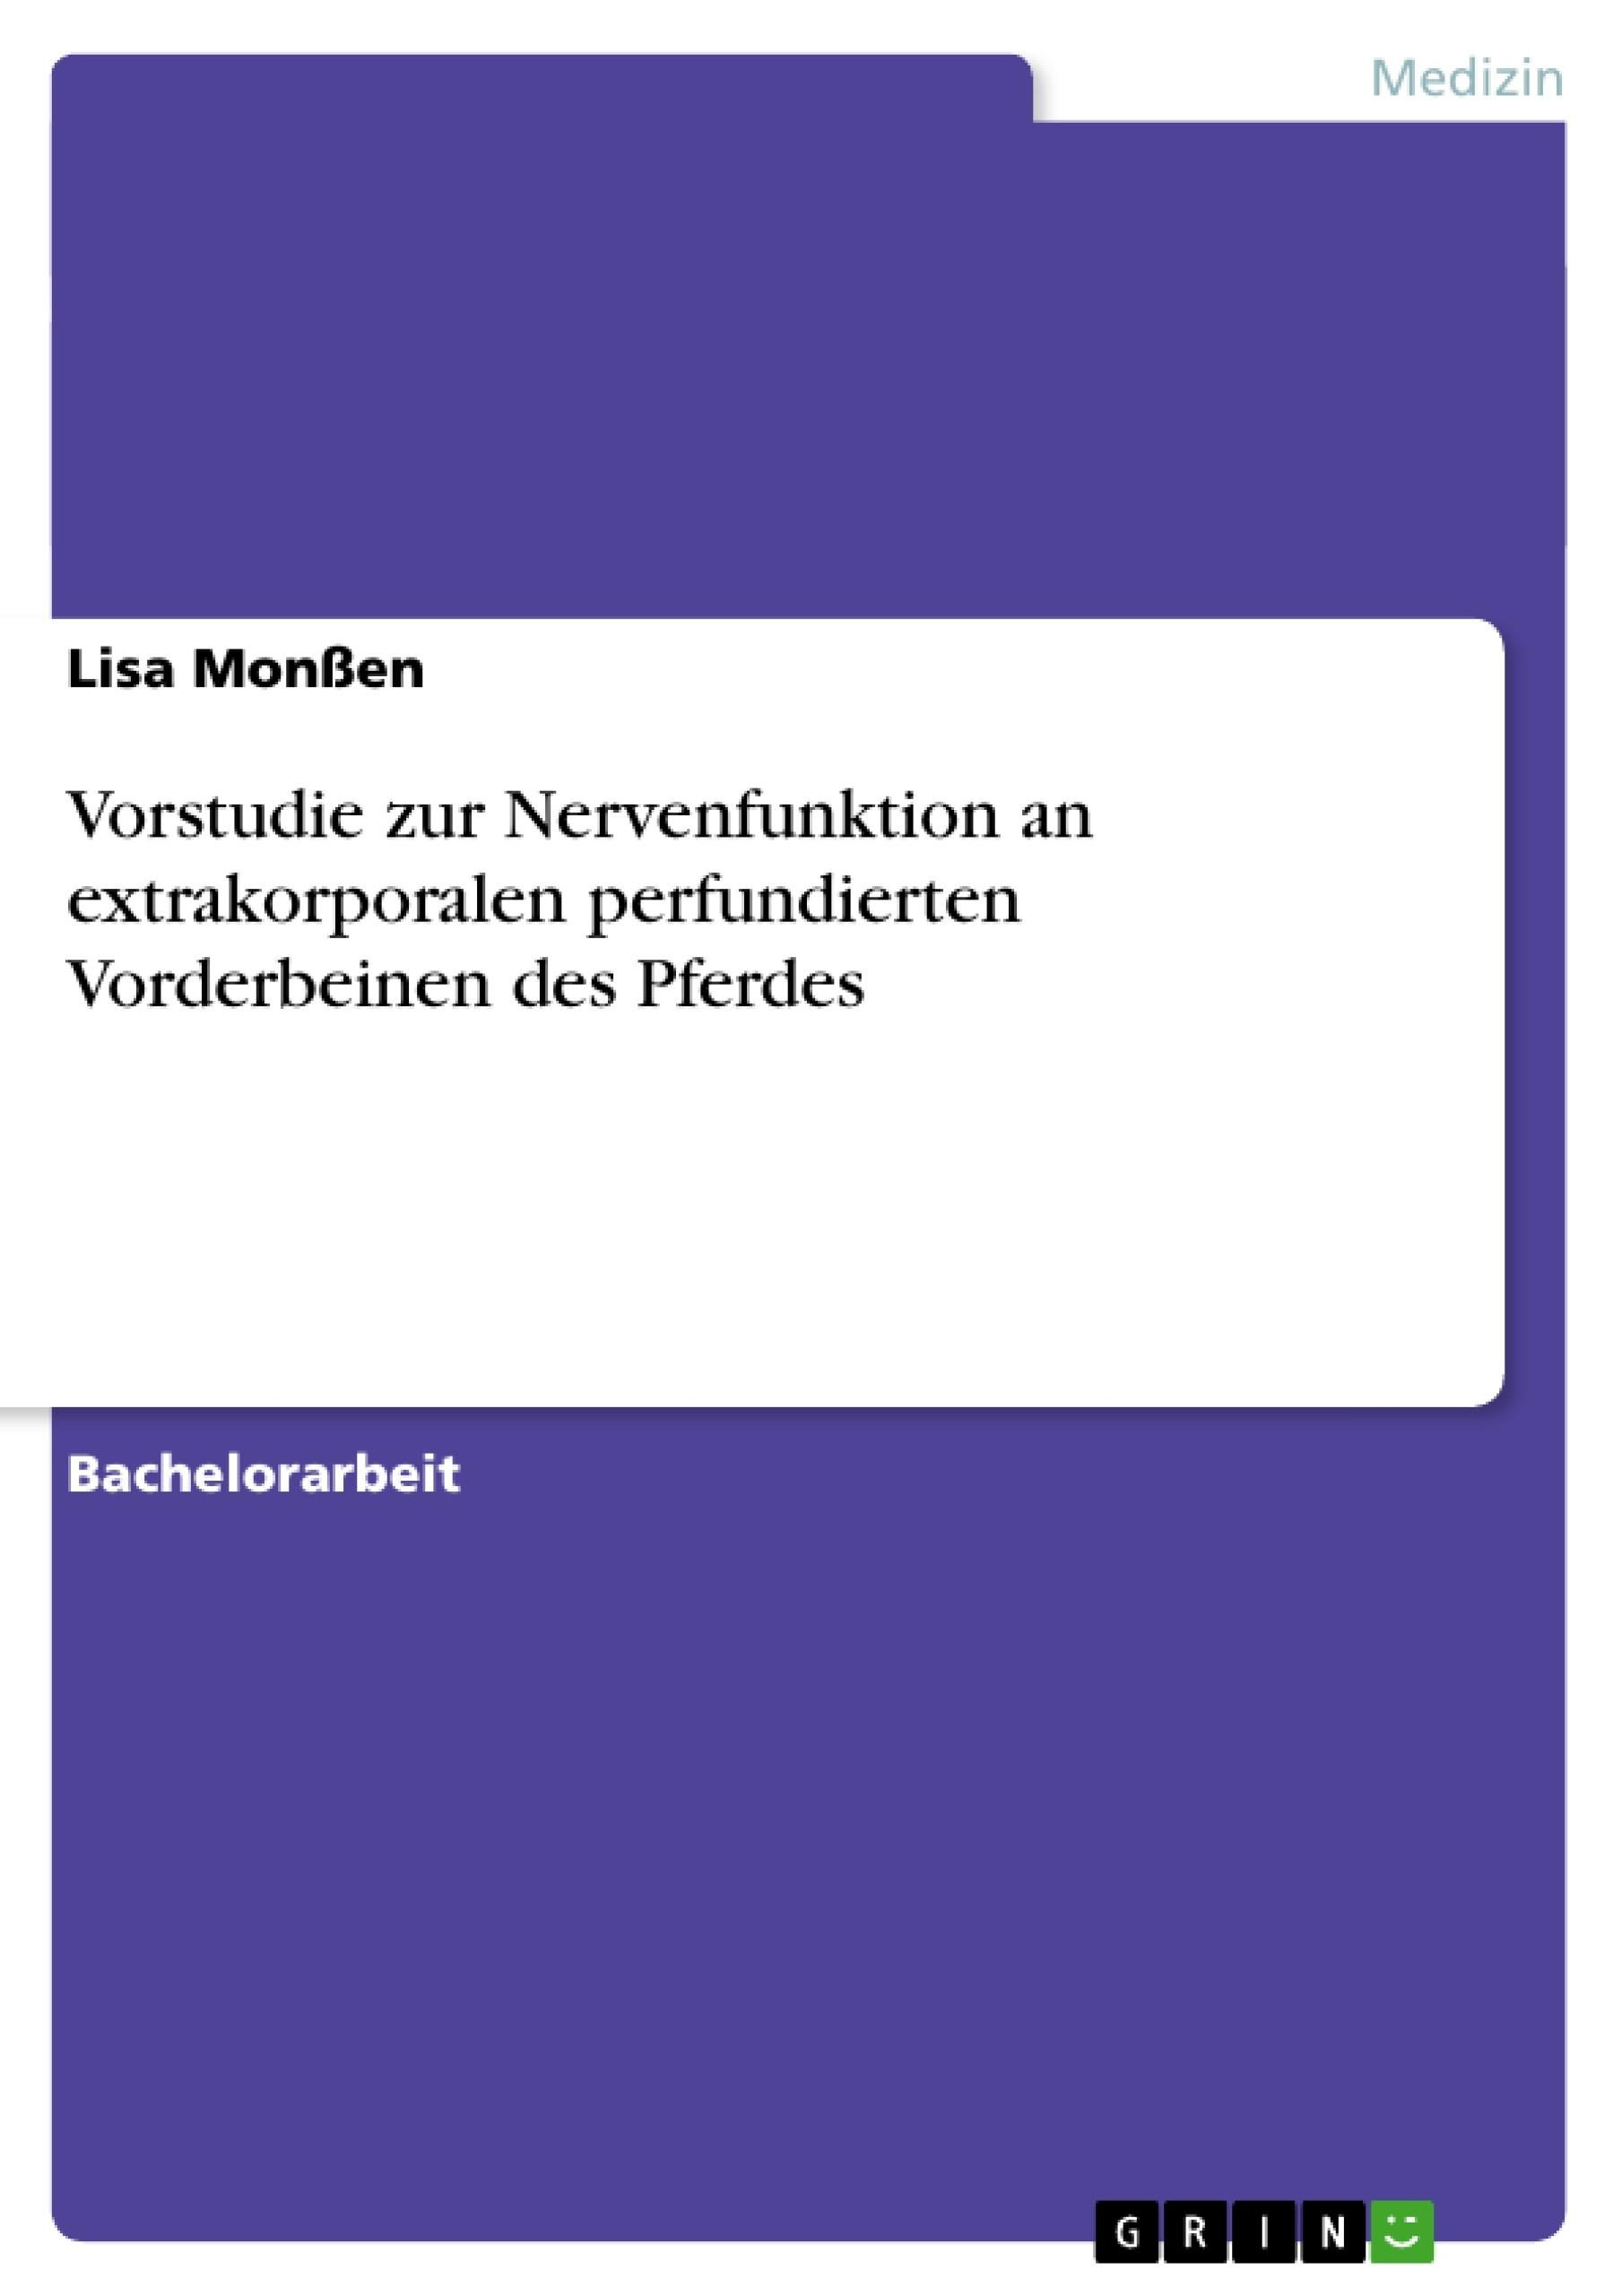 Titel: Vorstudie zur Nervenfunktion an extrakorporalen perfundierten Vorderbeinen des Pferdes